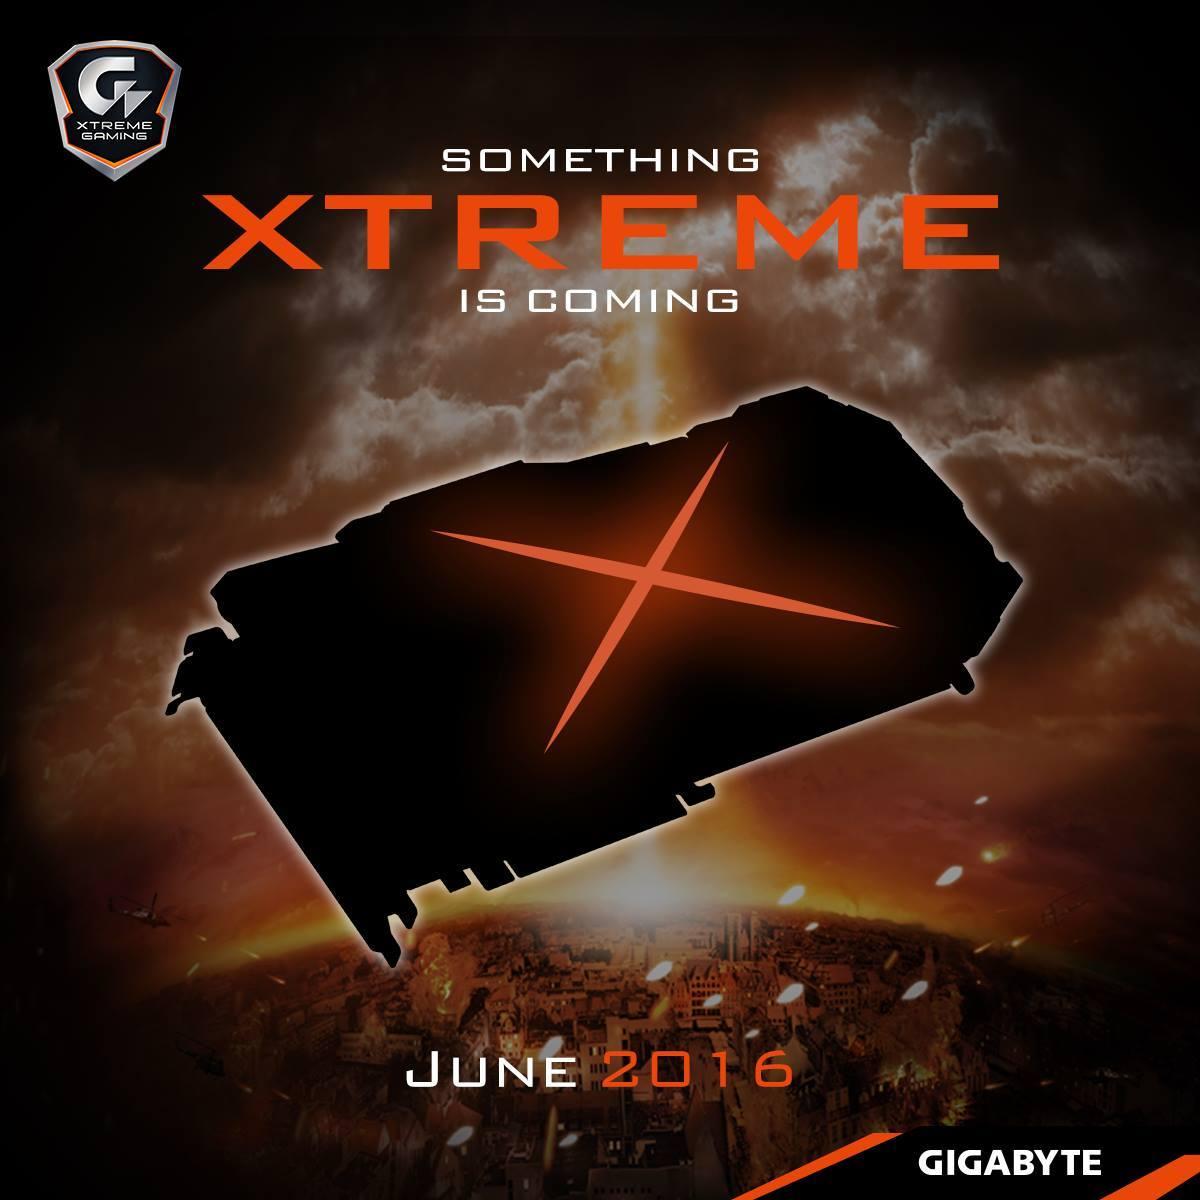 Nvidia GeForce GTX 1080 Gigabyte XTREME